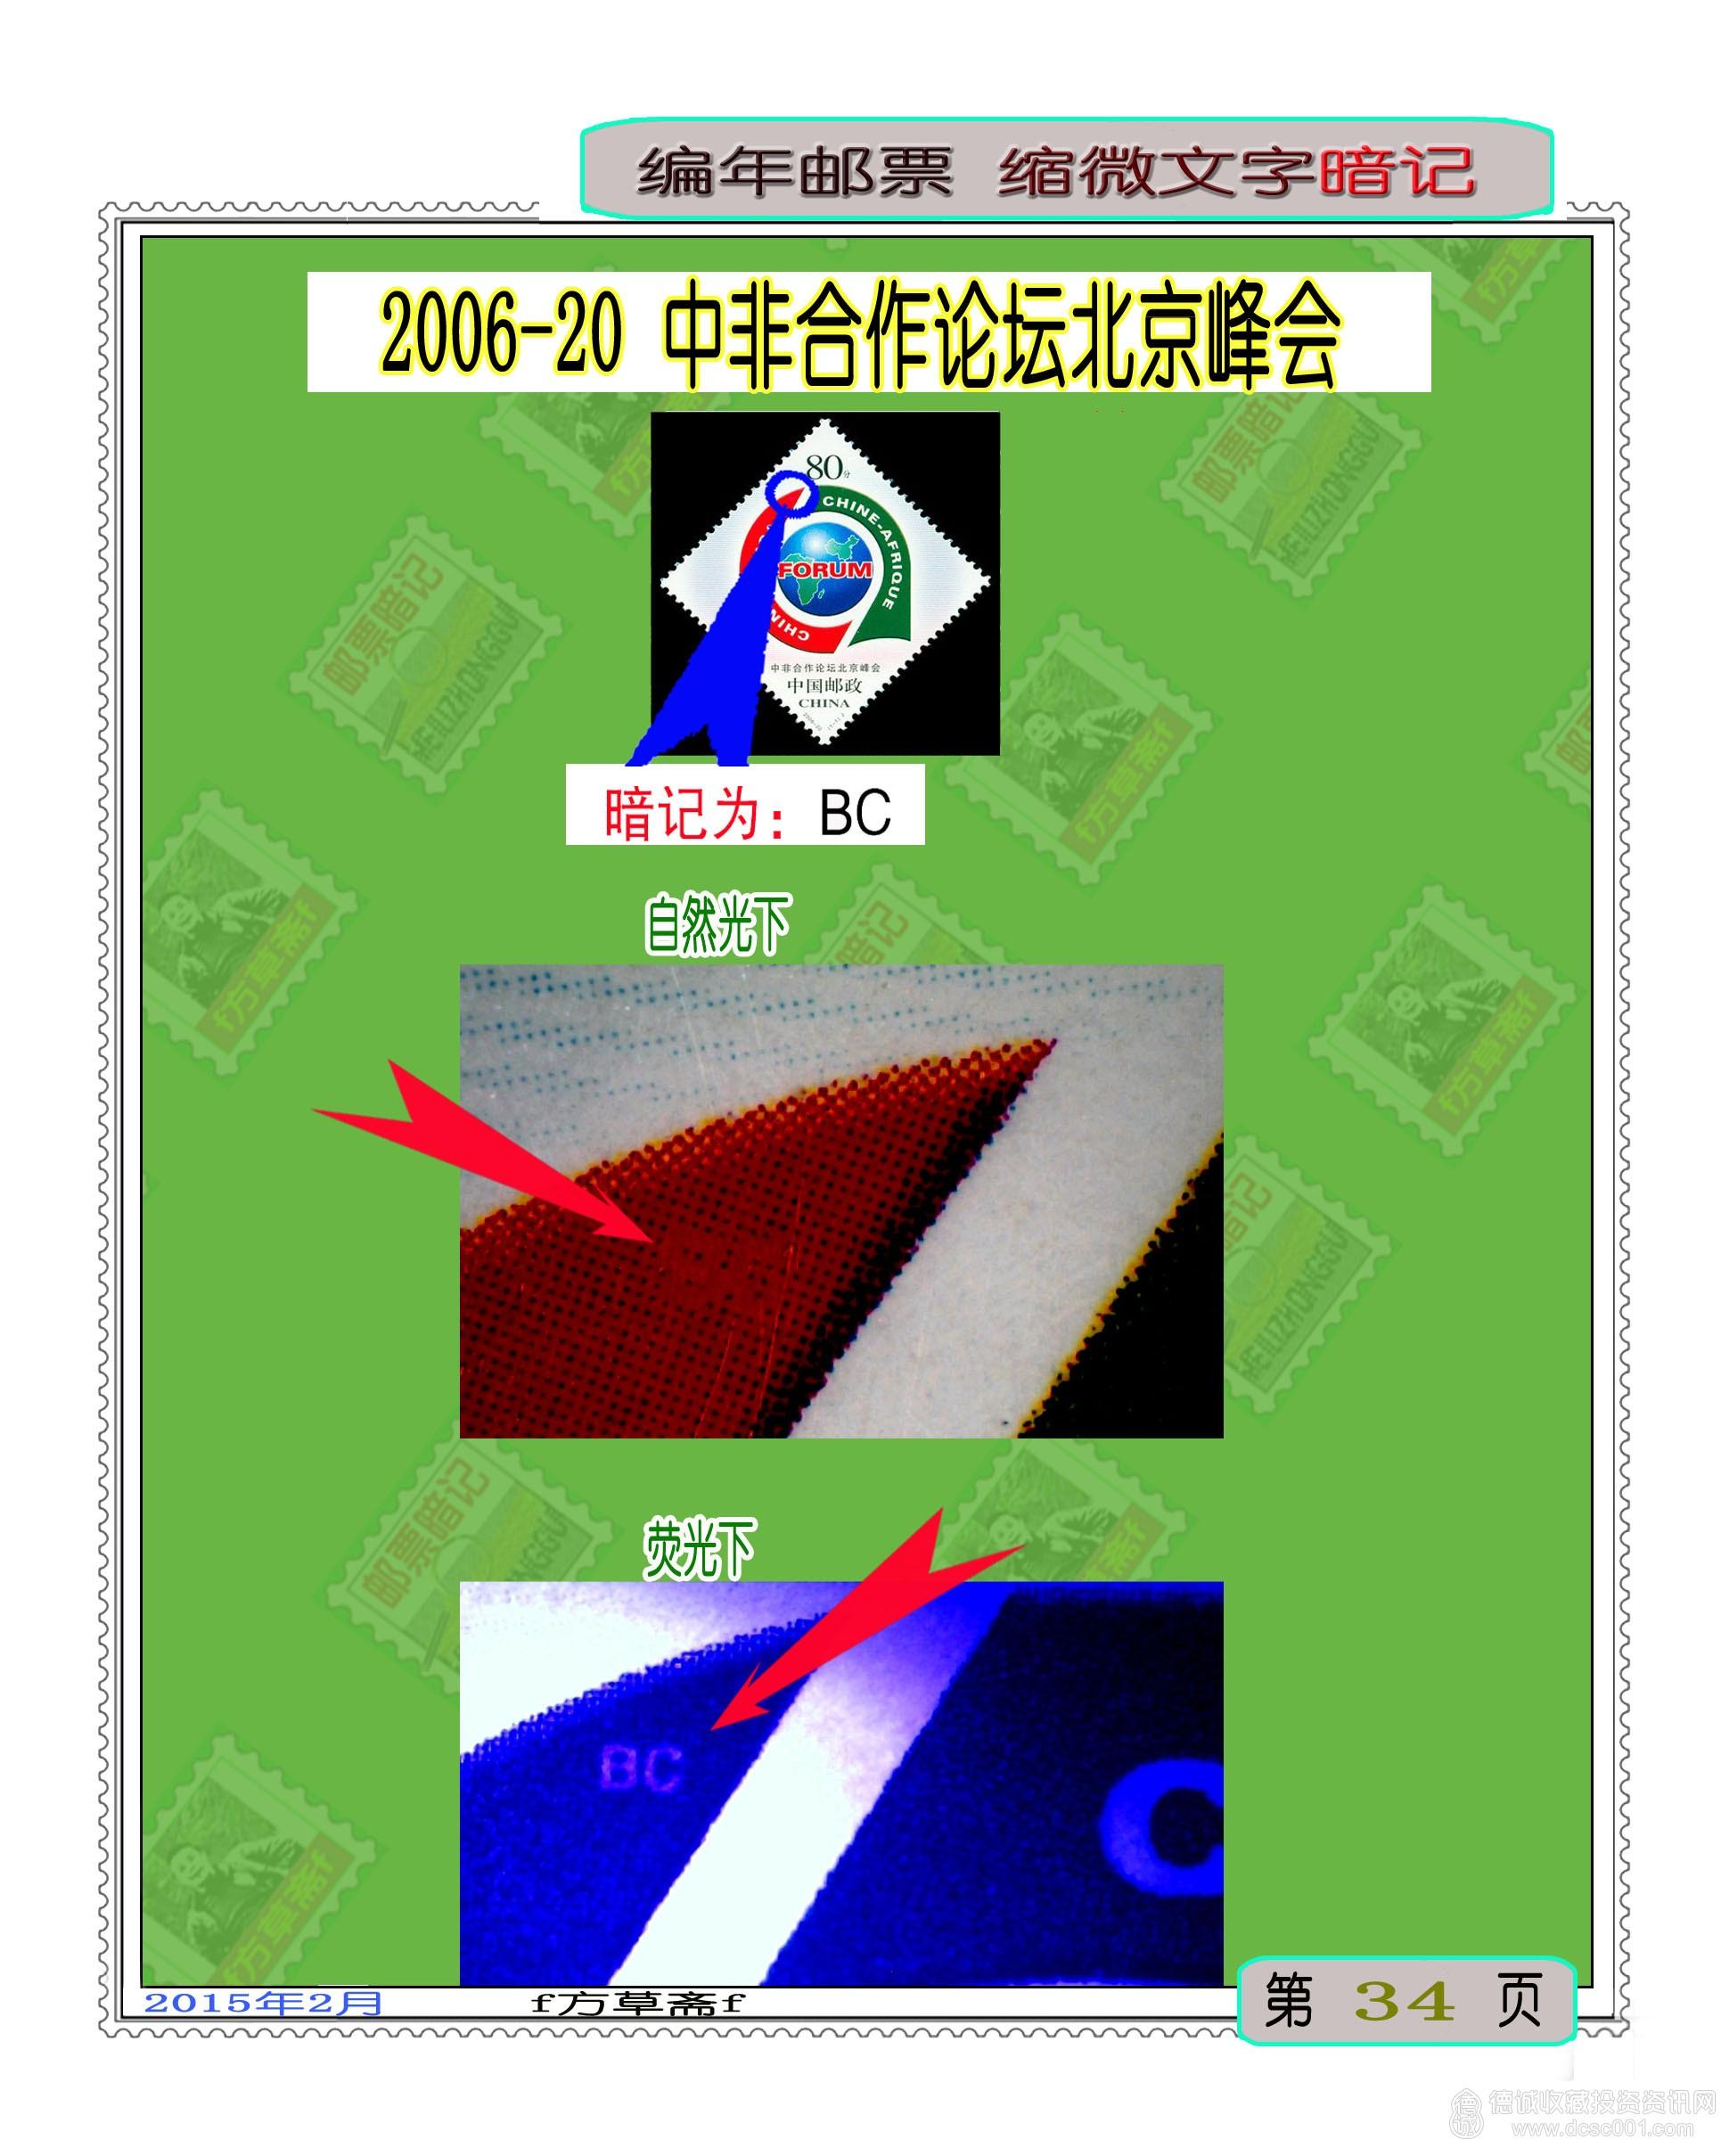 2006-20 中非合作论坛北京峰会.jpg